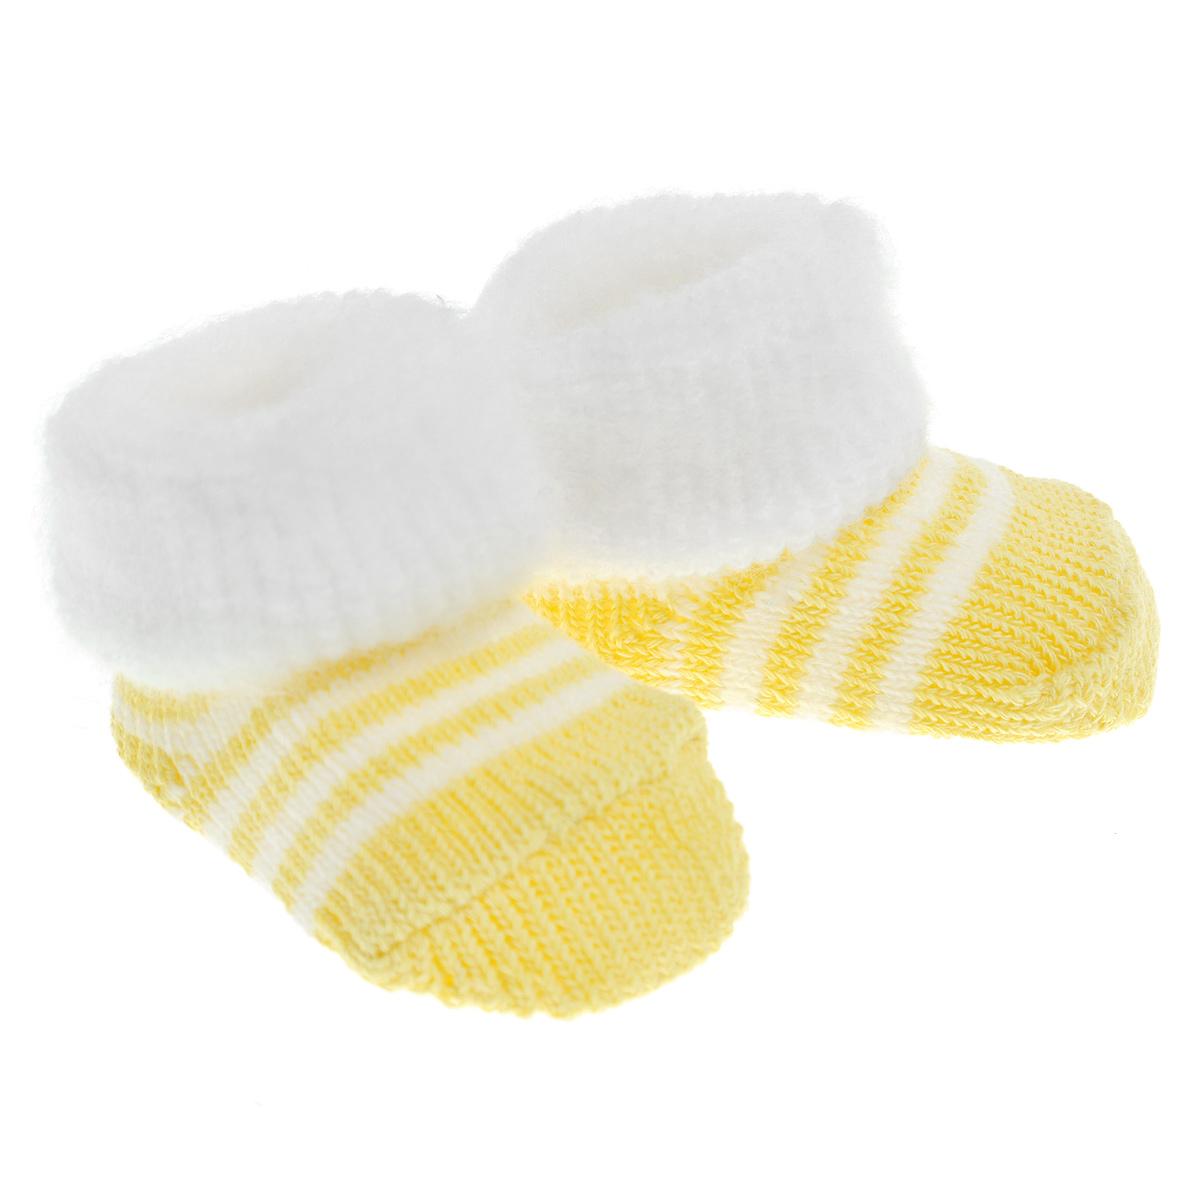 21020Комфортные, прочные и красивые детские носки Luvable Friend Boxed Fuzzy очень мягкие на ощупь, а эластичная резинка-отворот плотно облегает ножку ребенка, не сдавливая ее, благодаря чему малышу будет комфортно и удобно. Носочки хорошо тянутся, не деформируясь. Носочки упакованы в прозрачную подарочную коробочку.